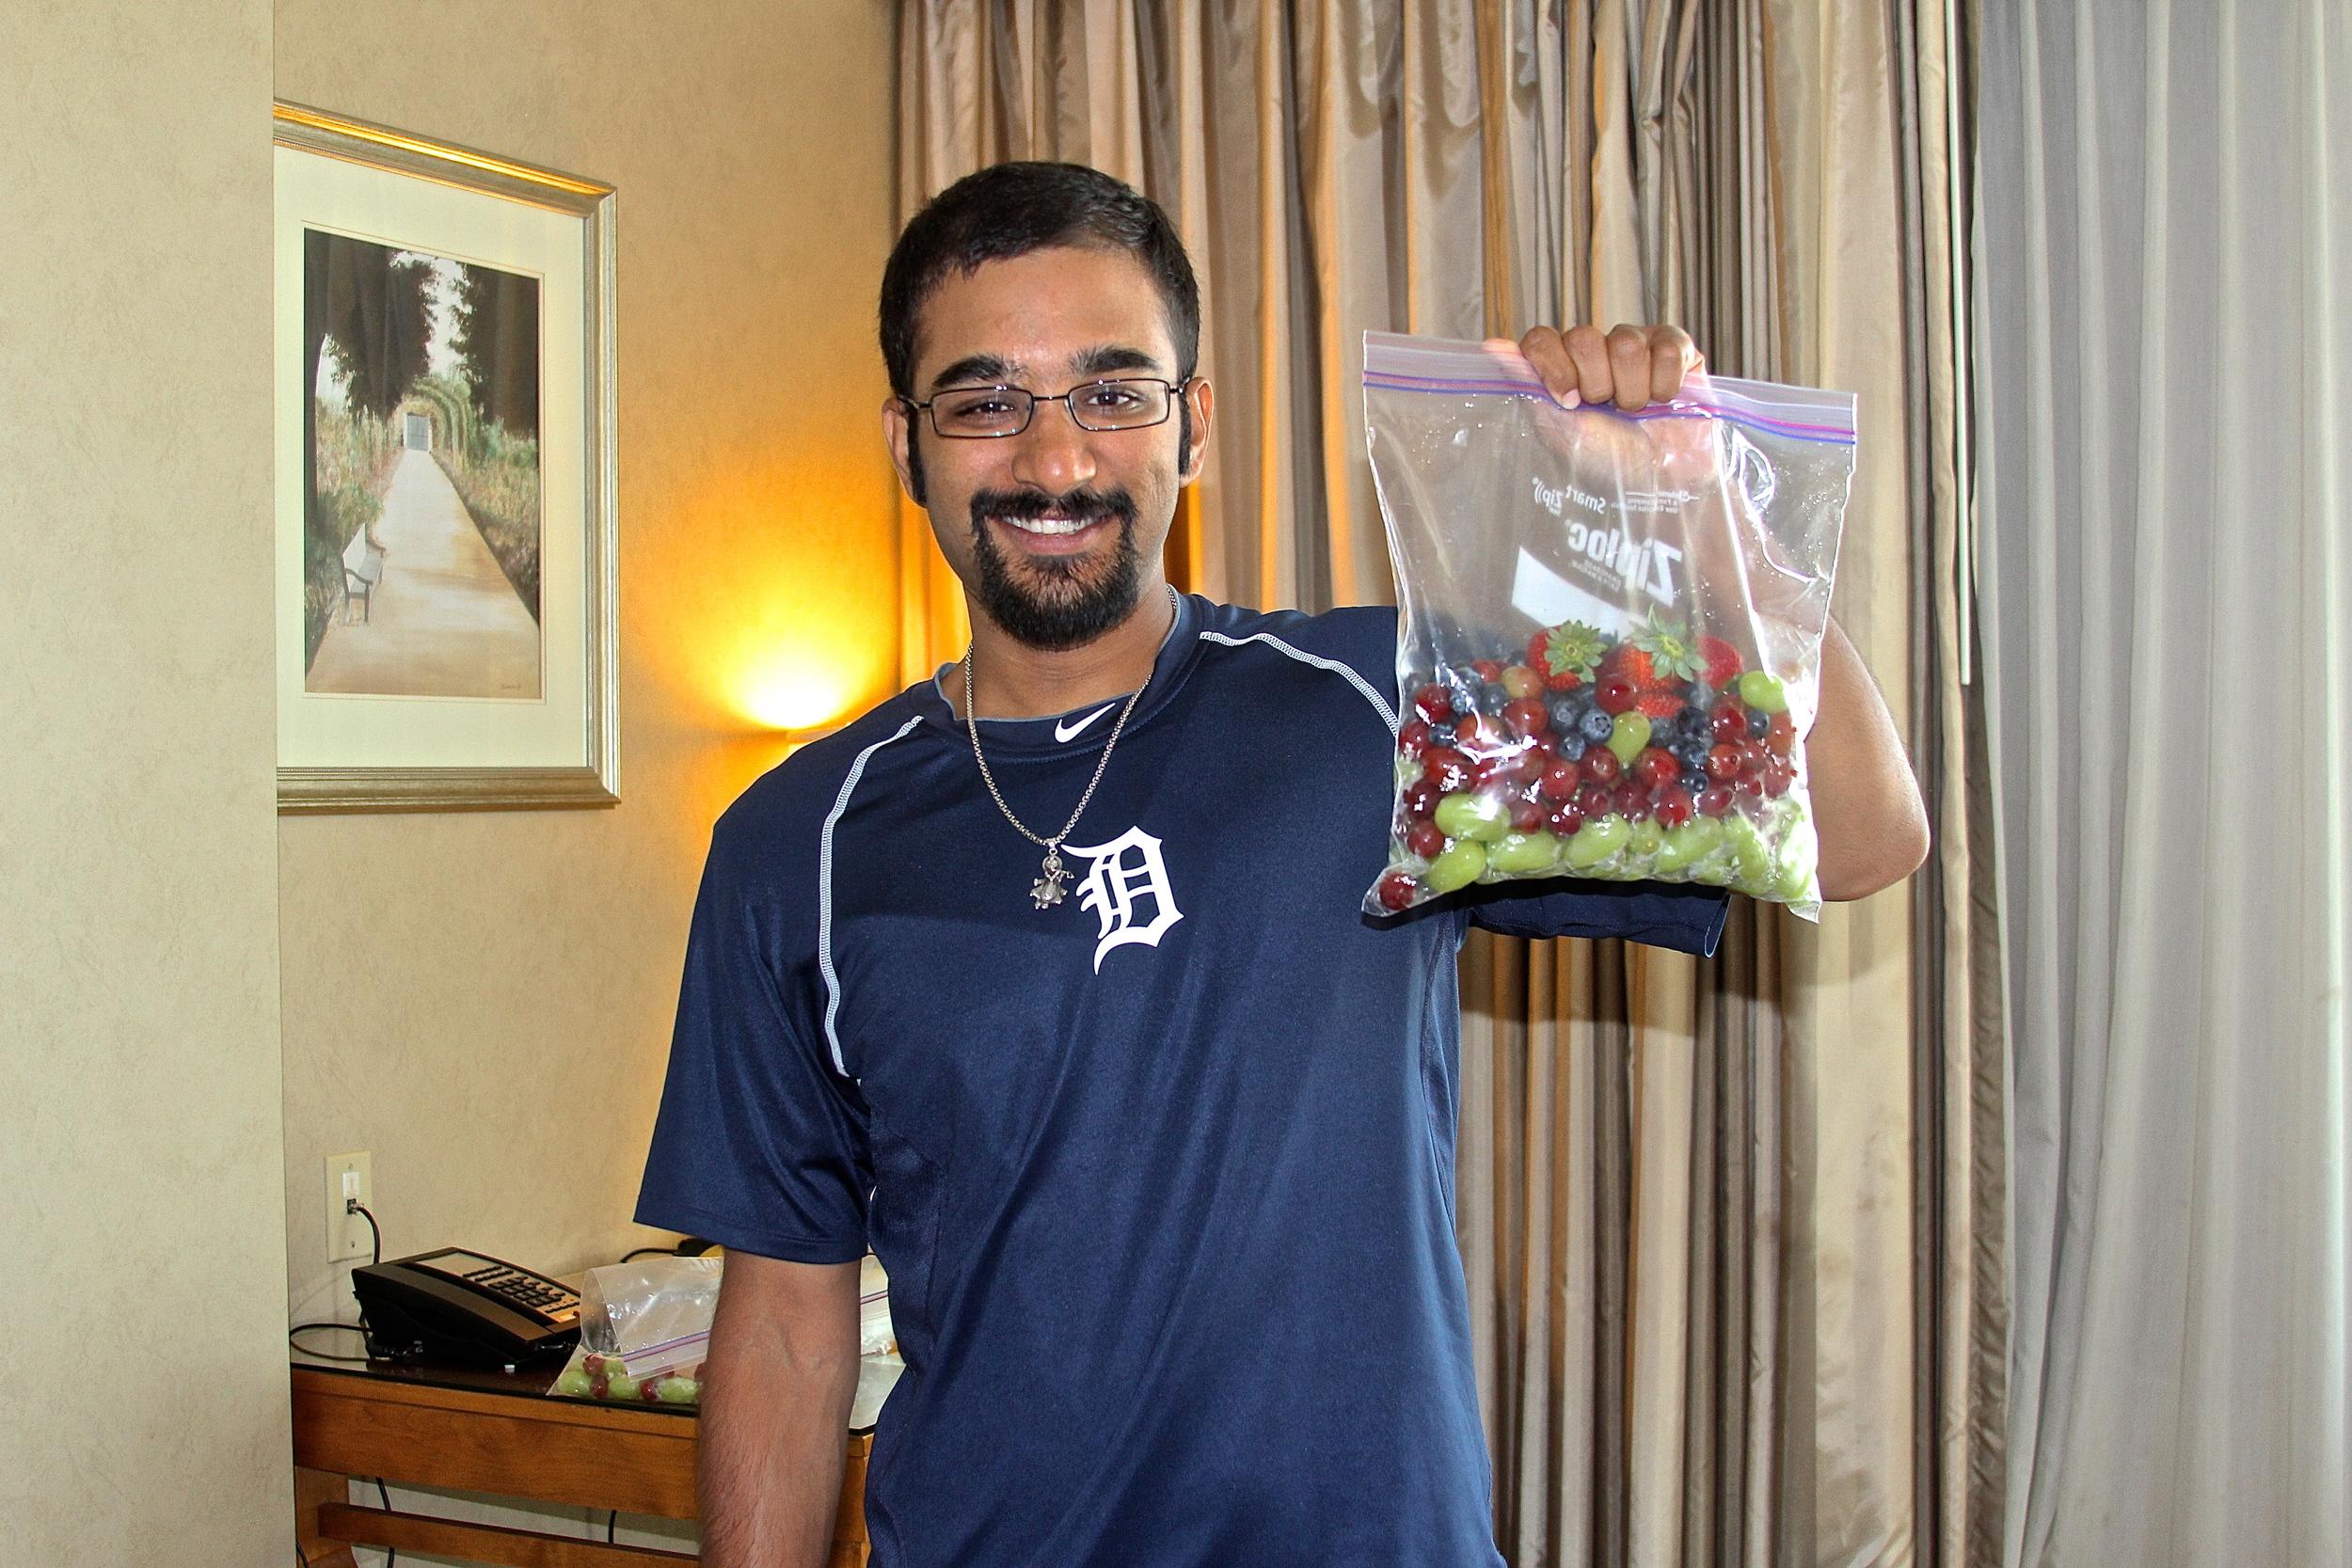 Me and my bag o' fruit